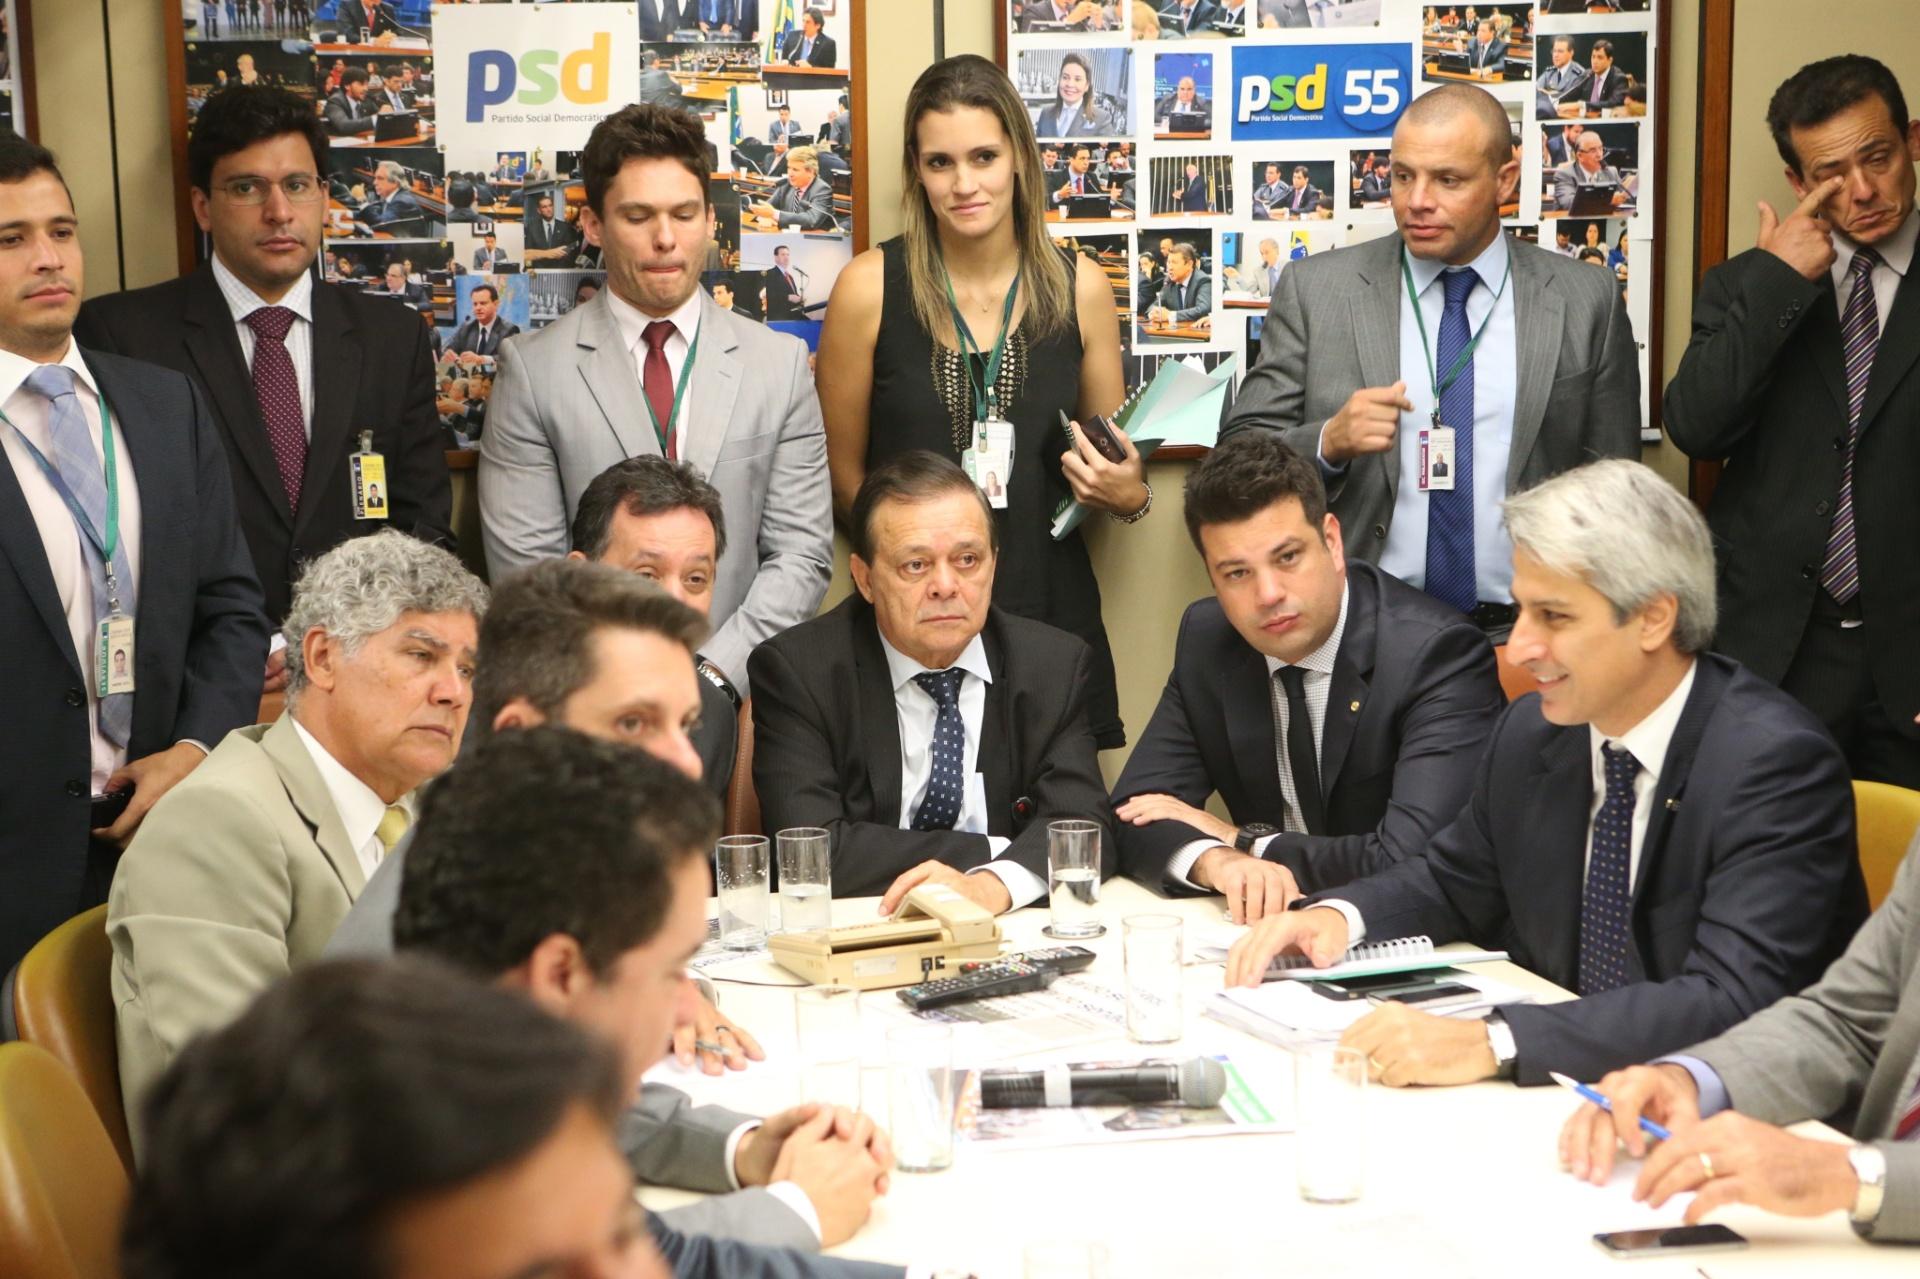 8.abr.2016 - O deputado Jovair Arantes (PTB-GO) (centro) acompanha a reunião de líderes dos partidos e integrantes da Comissão Especial de Impeachment, na Câmara dos Deputados, em Brasília (DF), antes do início da sessão do dia